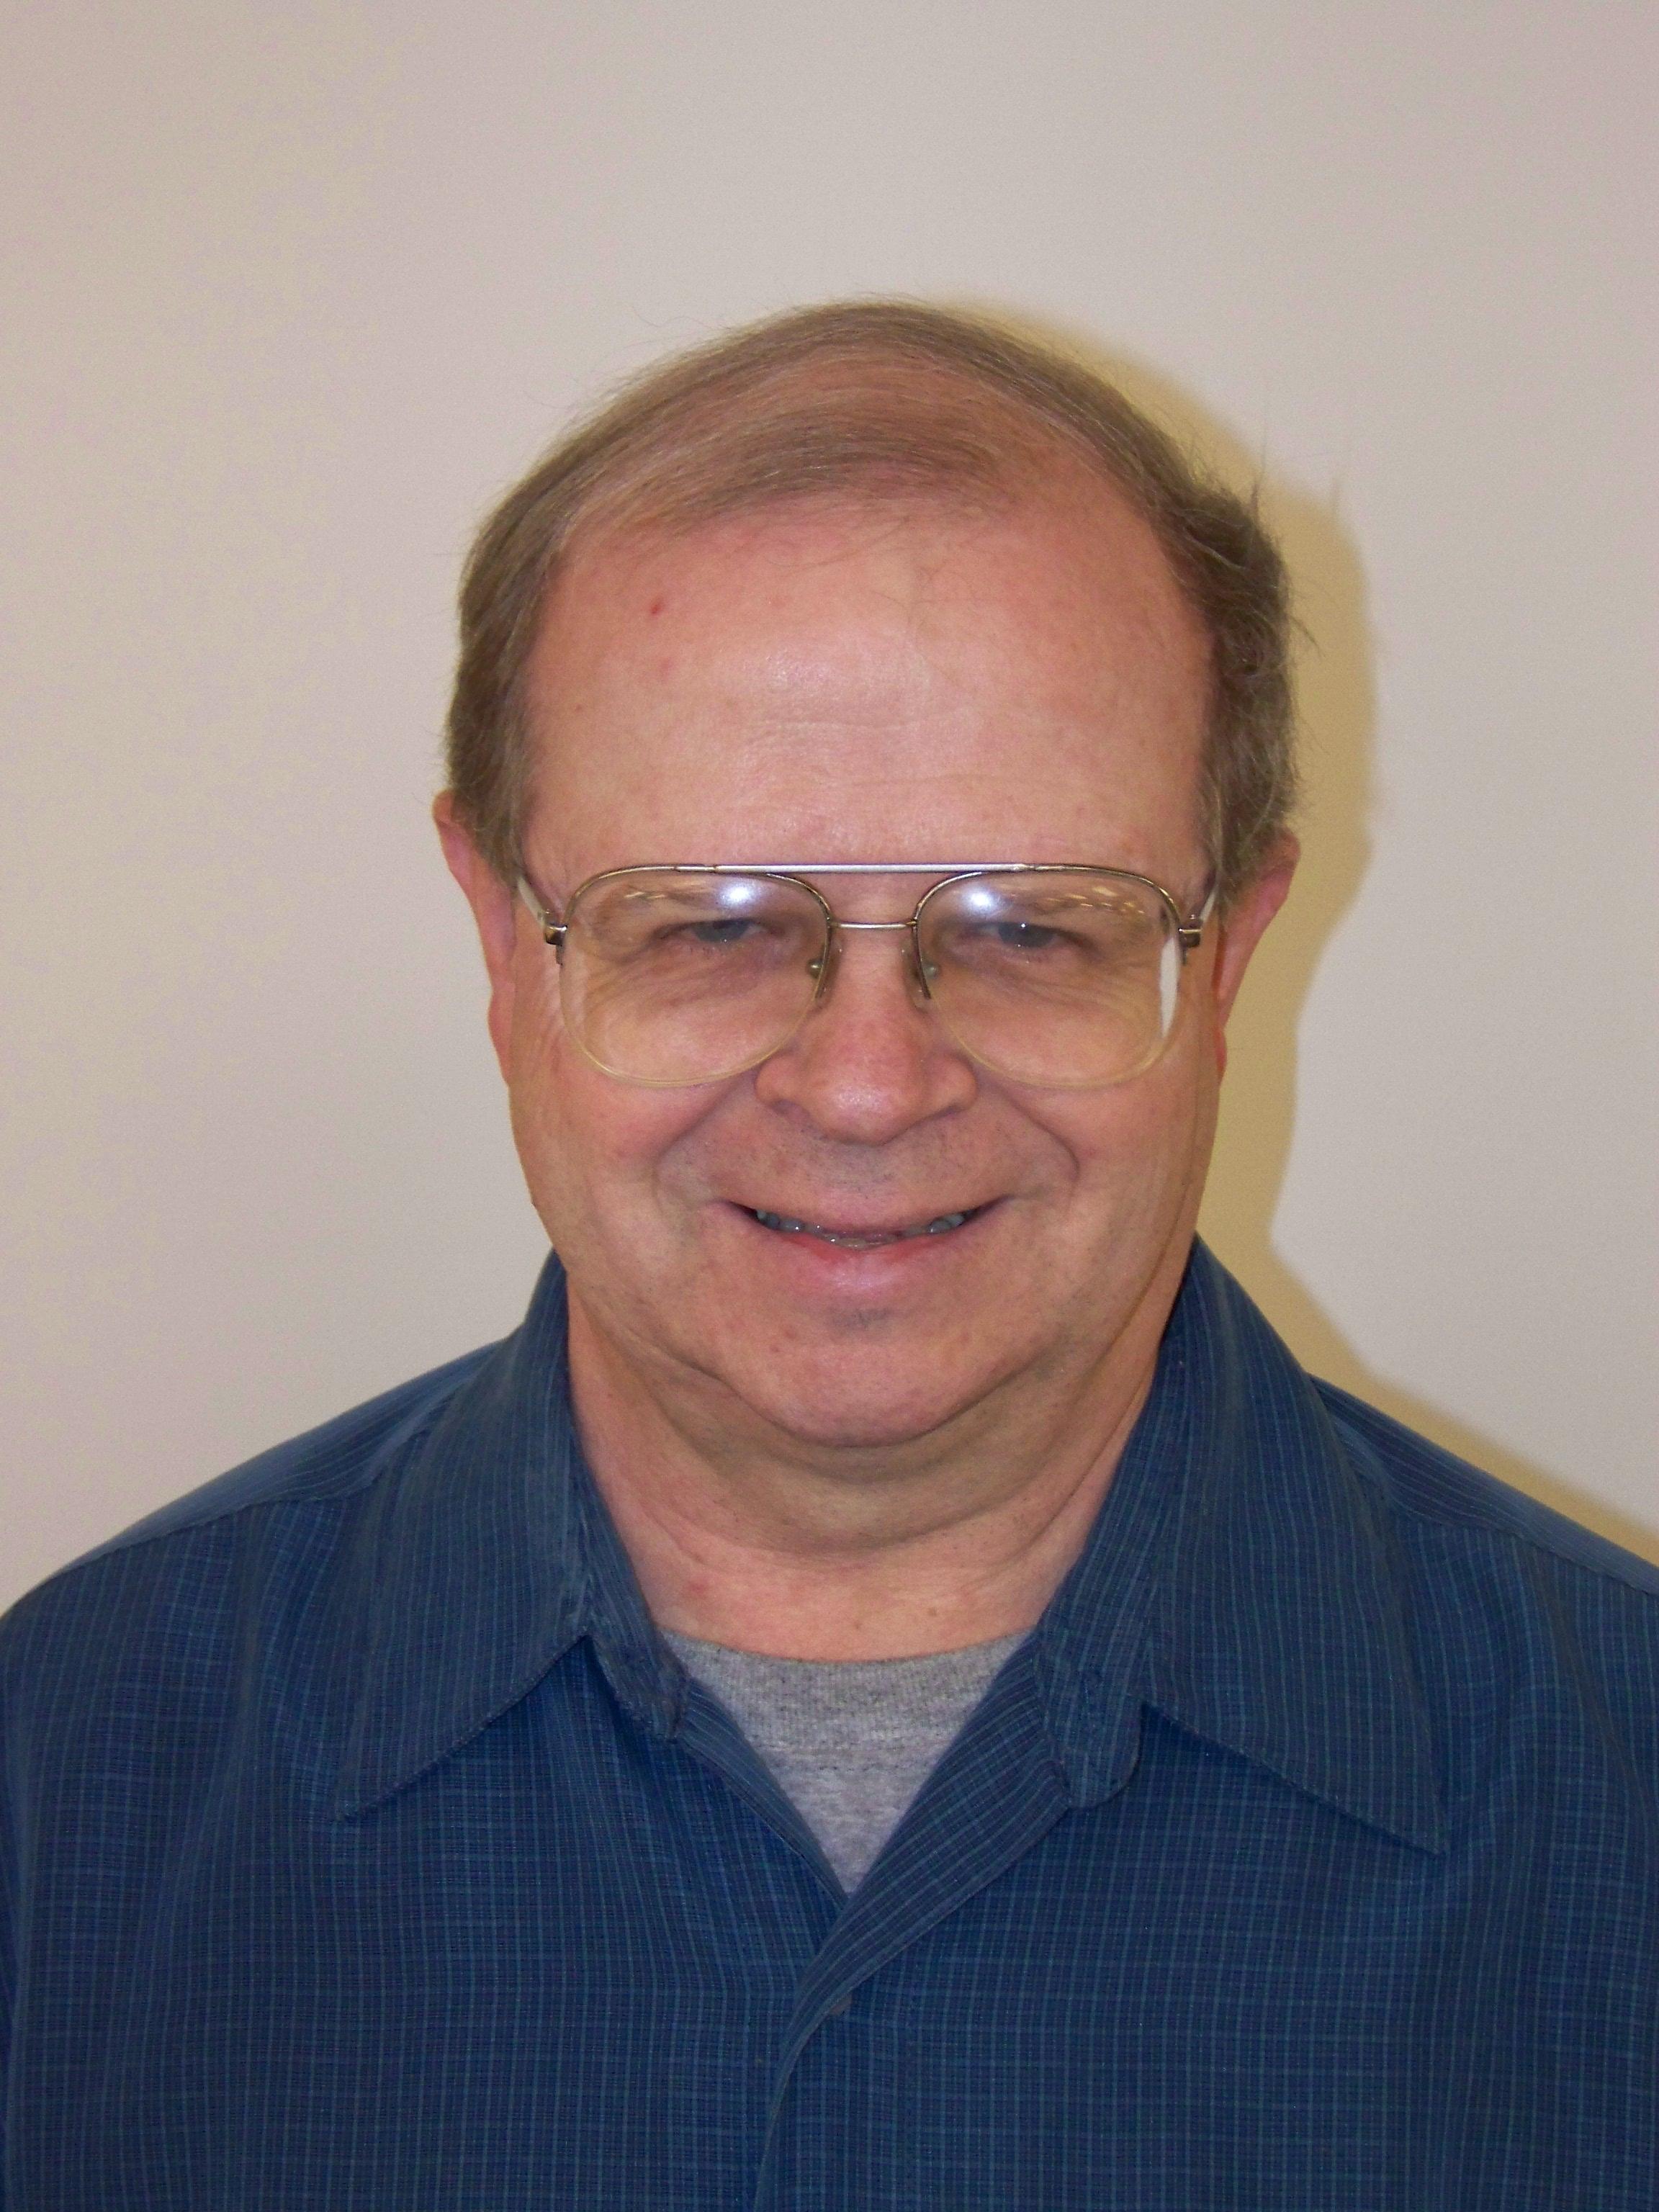 Bob Failor